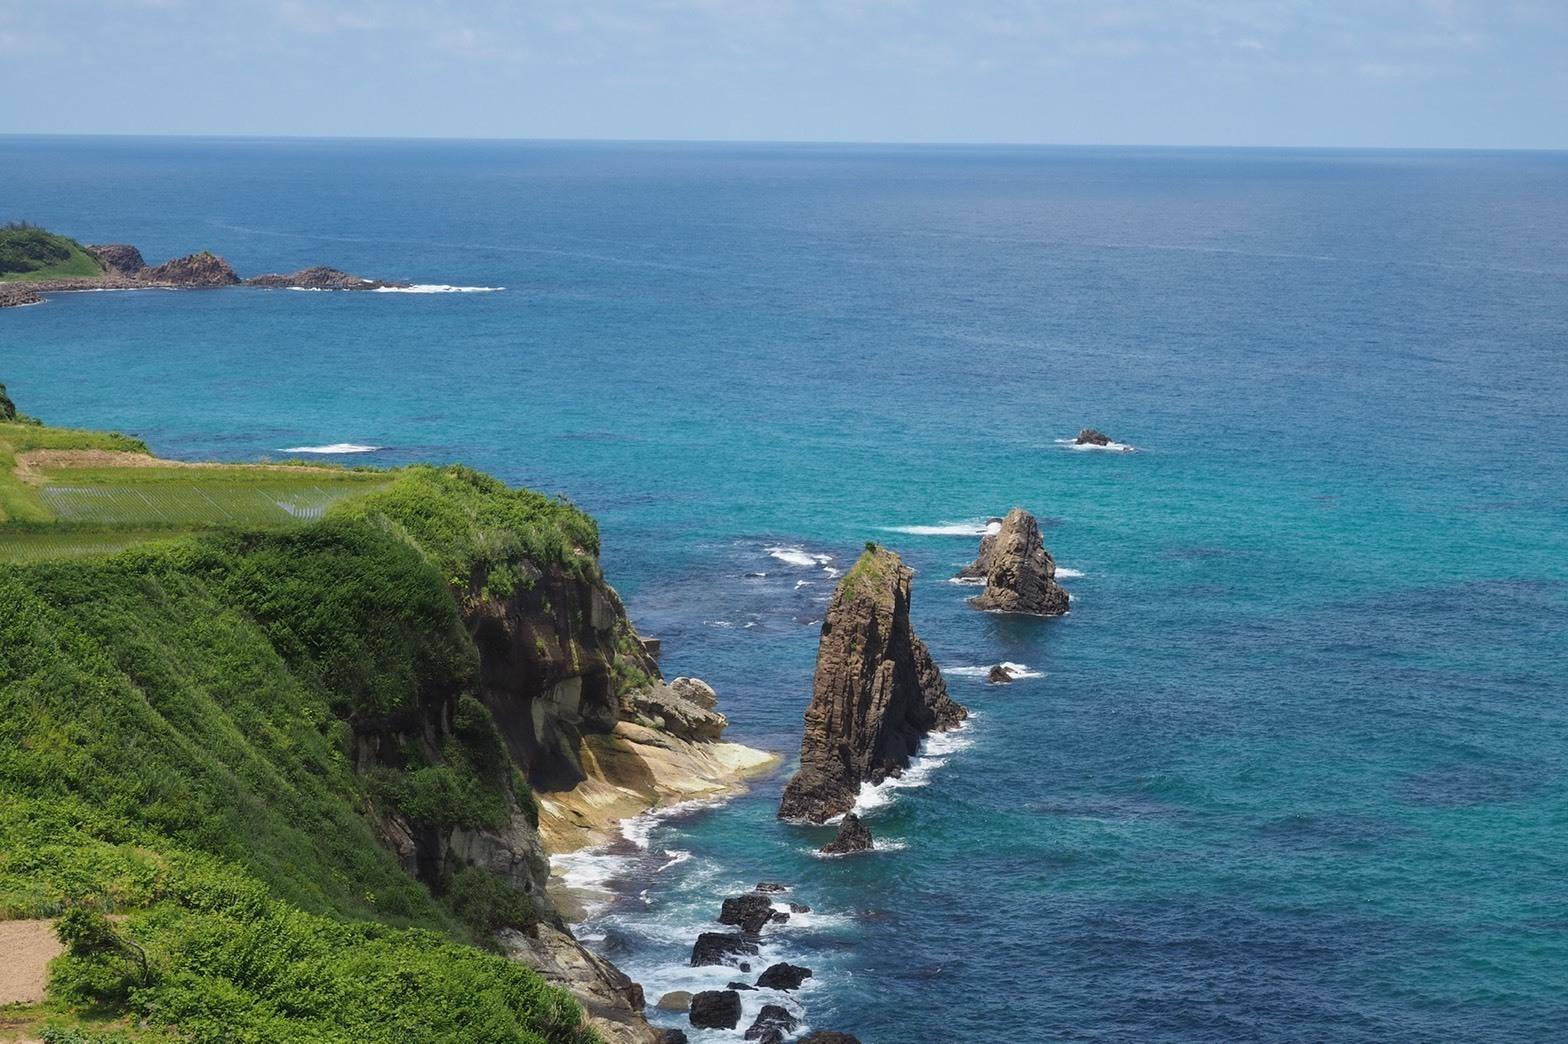 ぴーきち&ダイナ ハーレーブログ 京都丹後半島ツーリンング 屏風岩 眺め